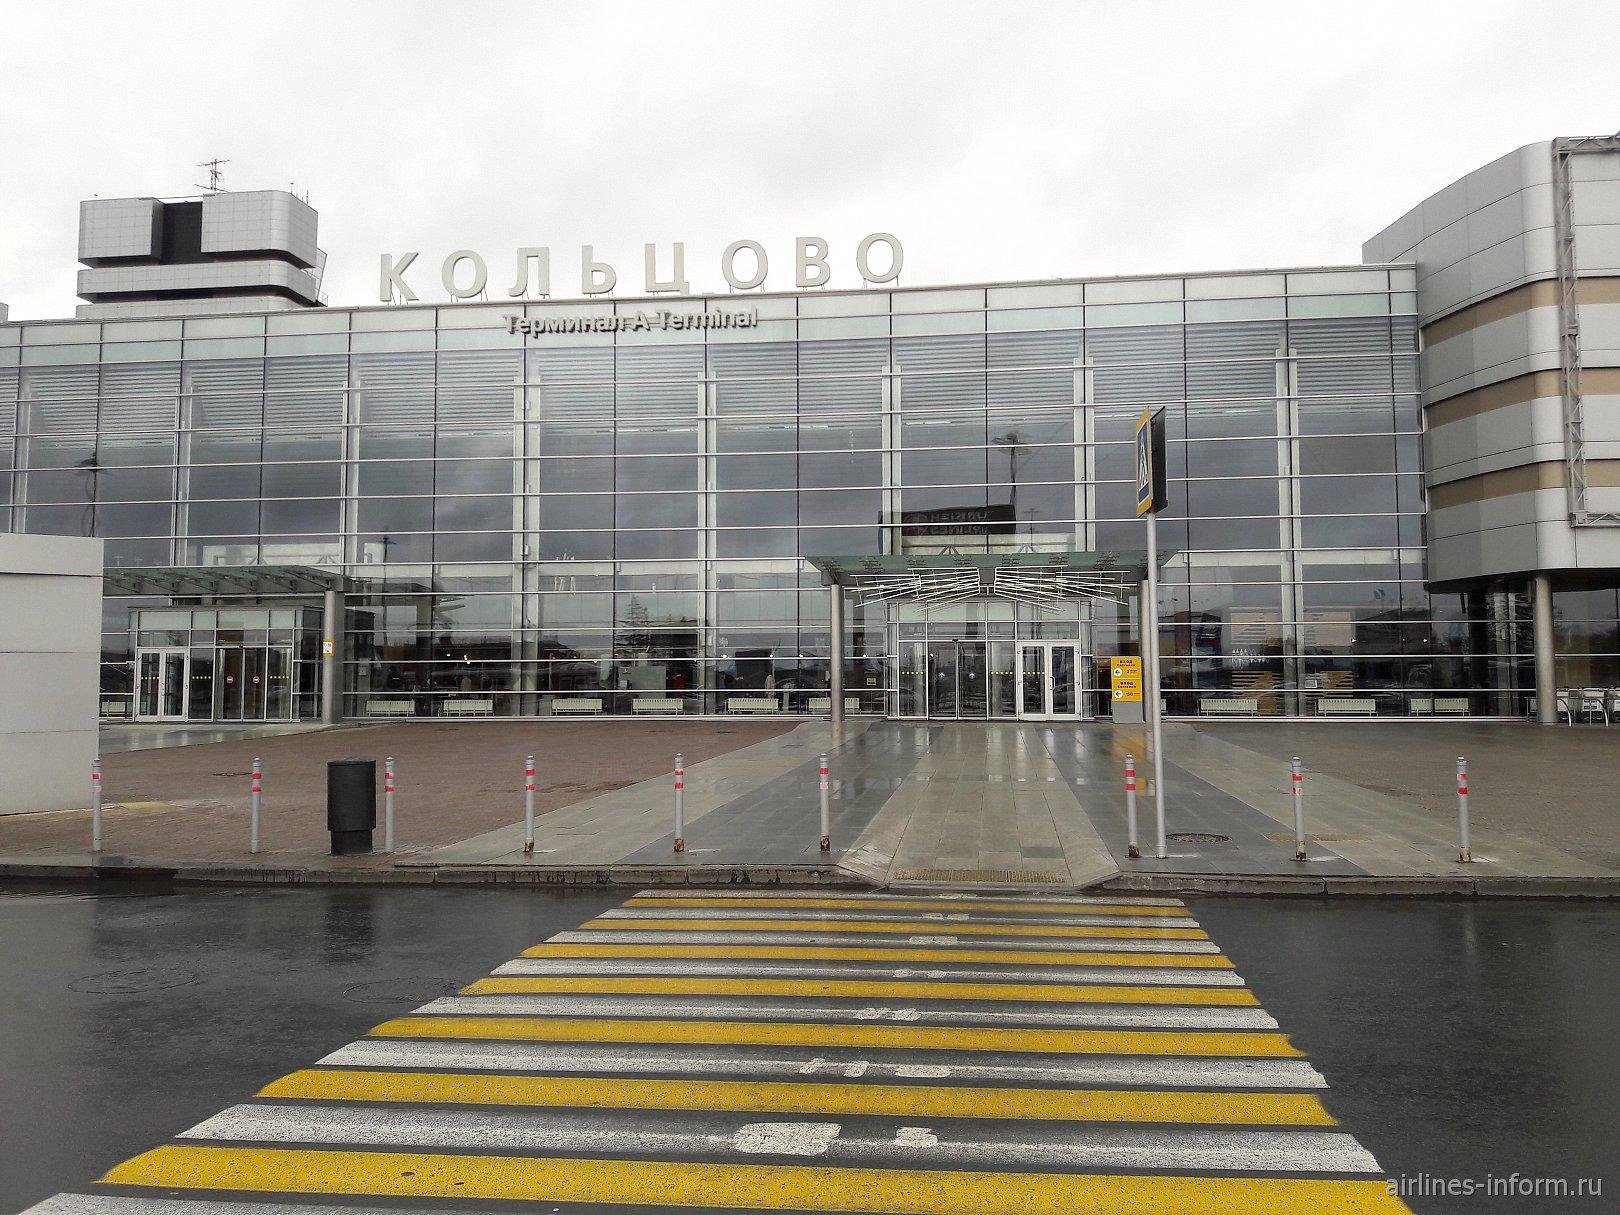 Терминал А международного аэропорта Кольцово